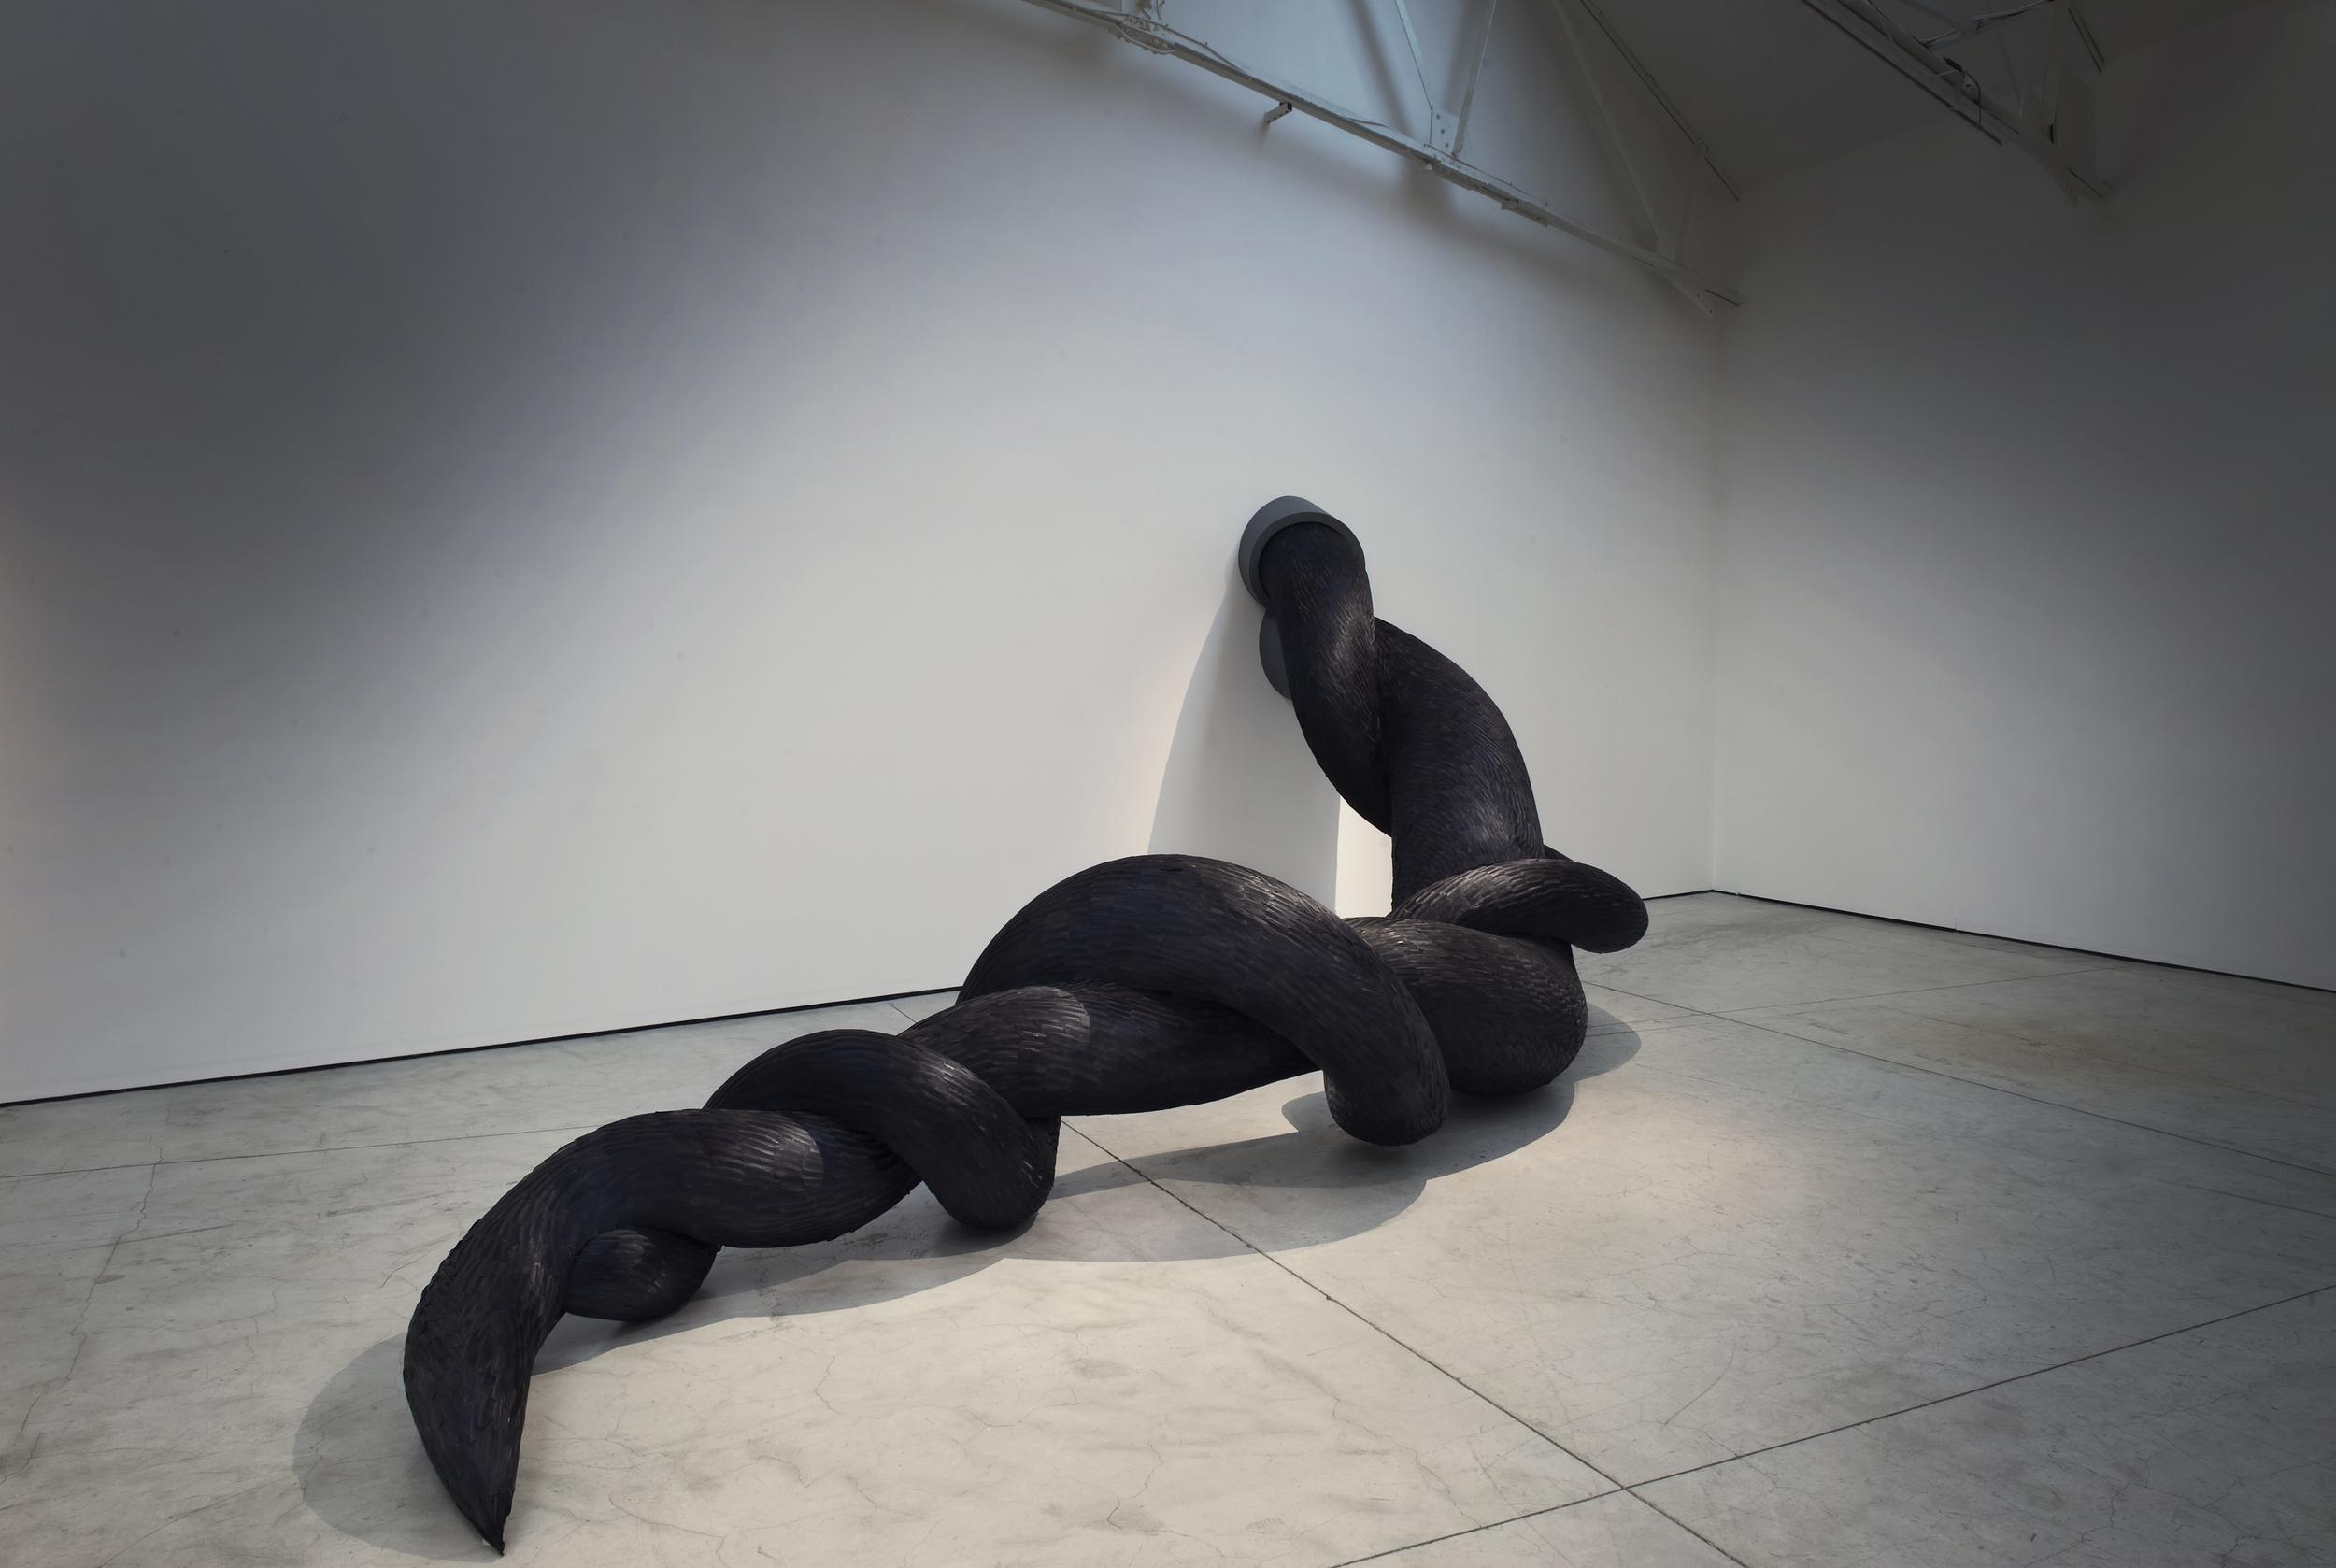 Gyre, 2012, Kate MccGwire